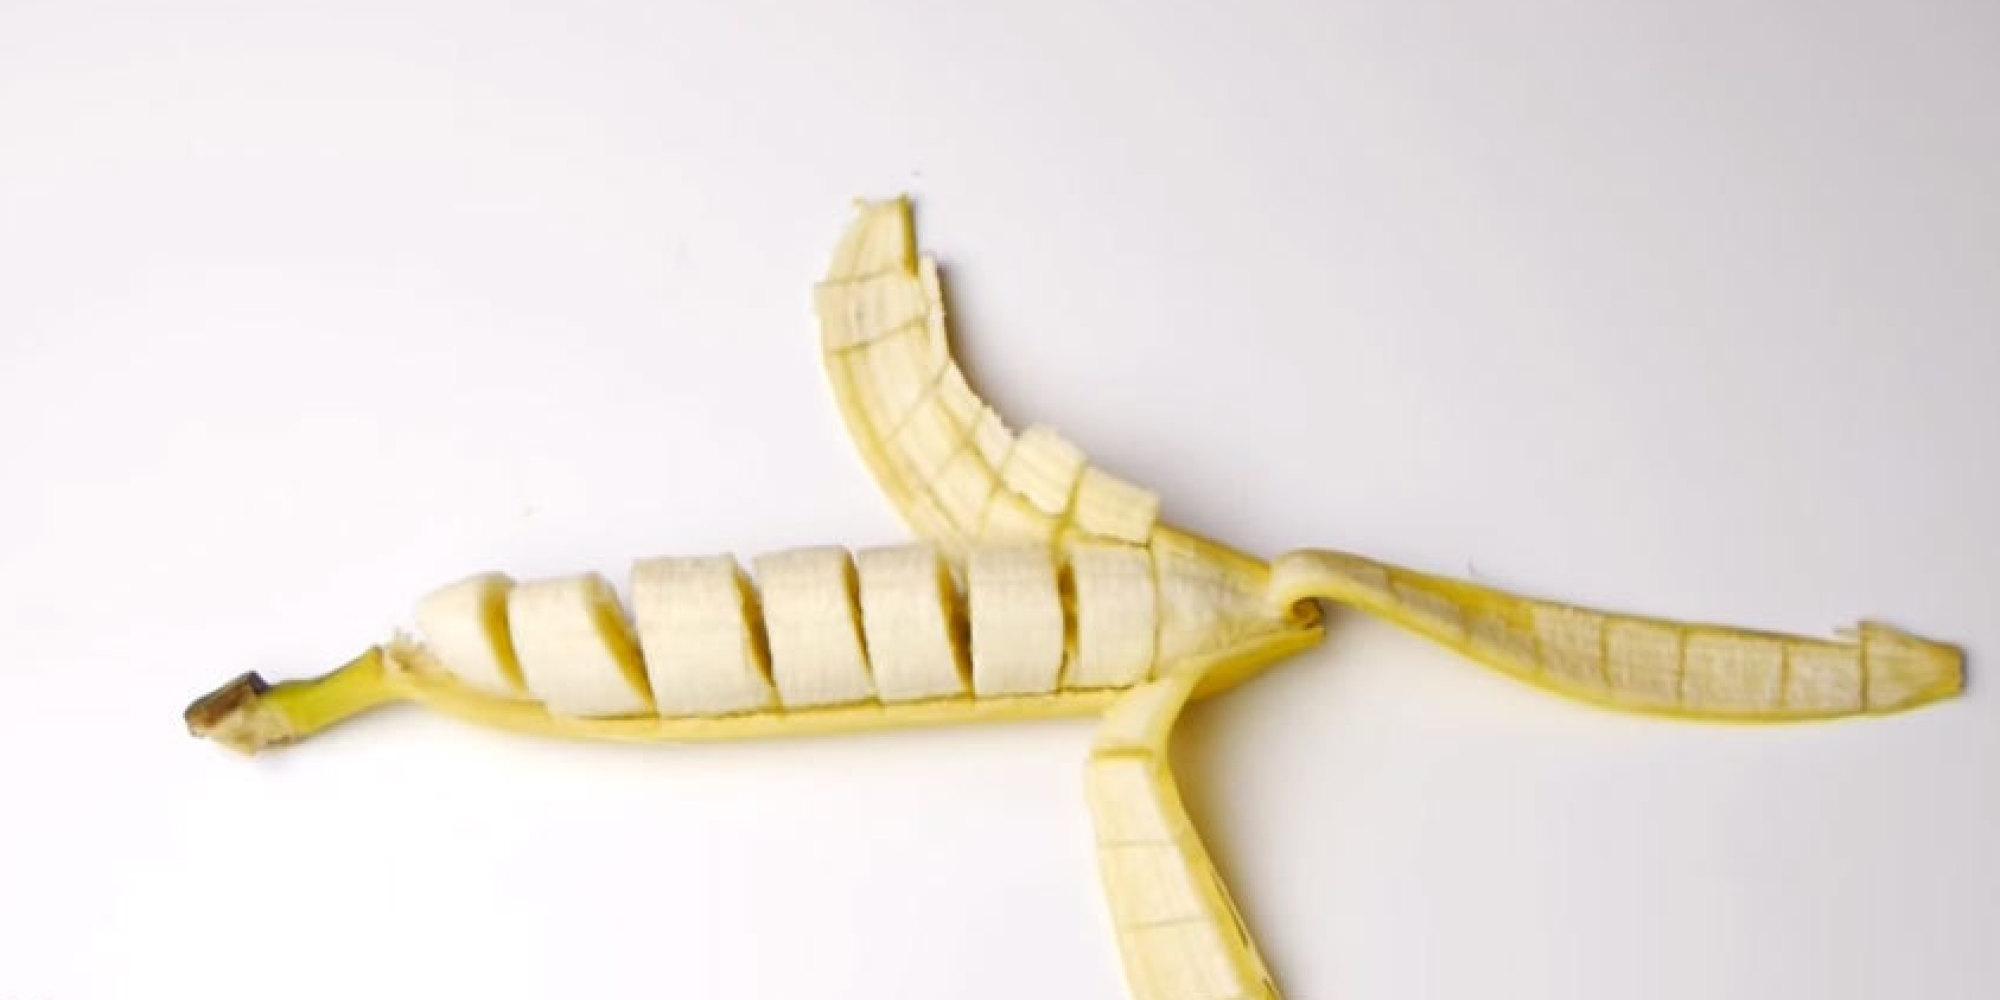 Cómo rebanar una banana sin cortar la cáscara | HuffPost